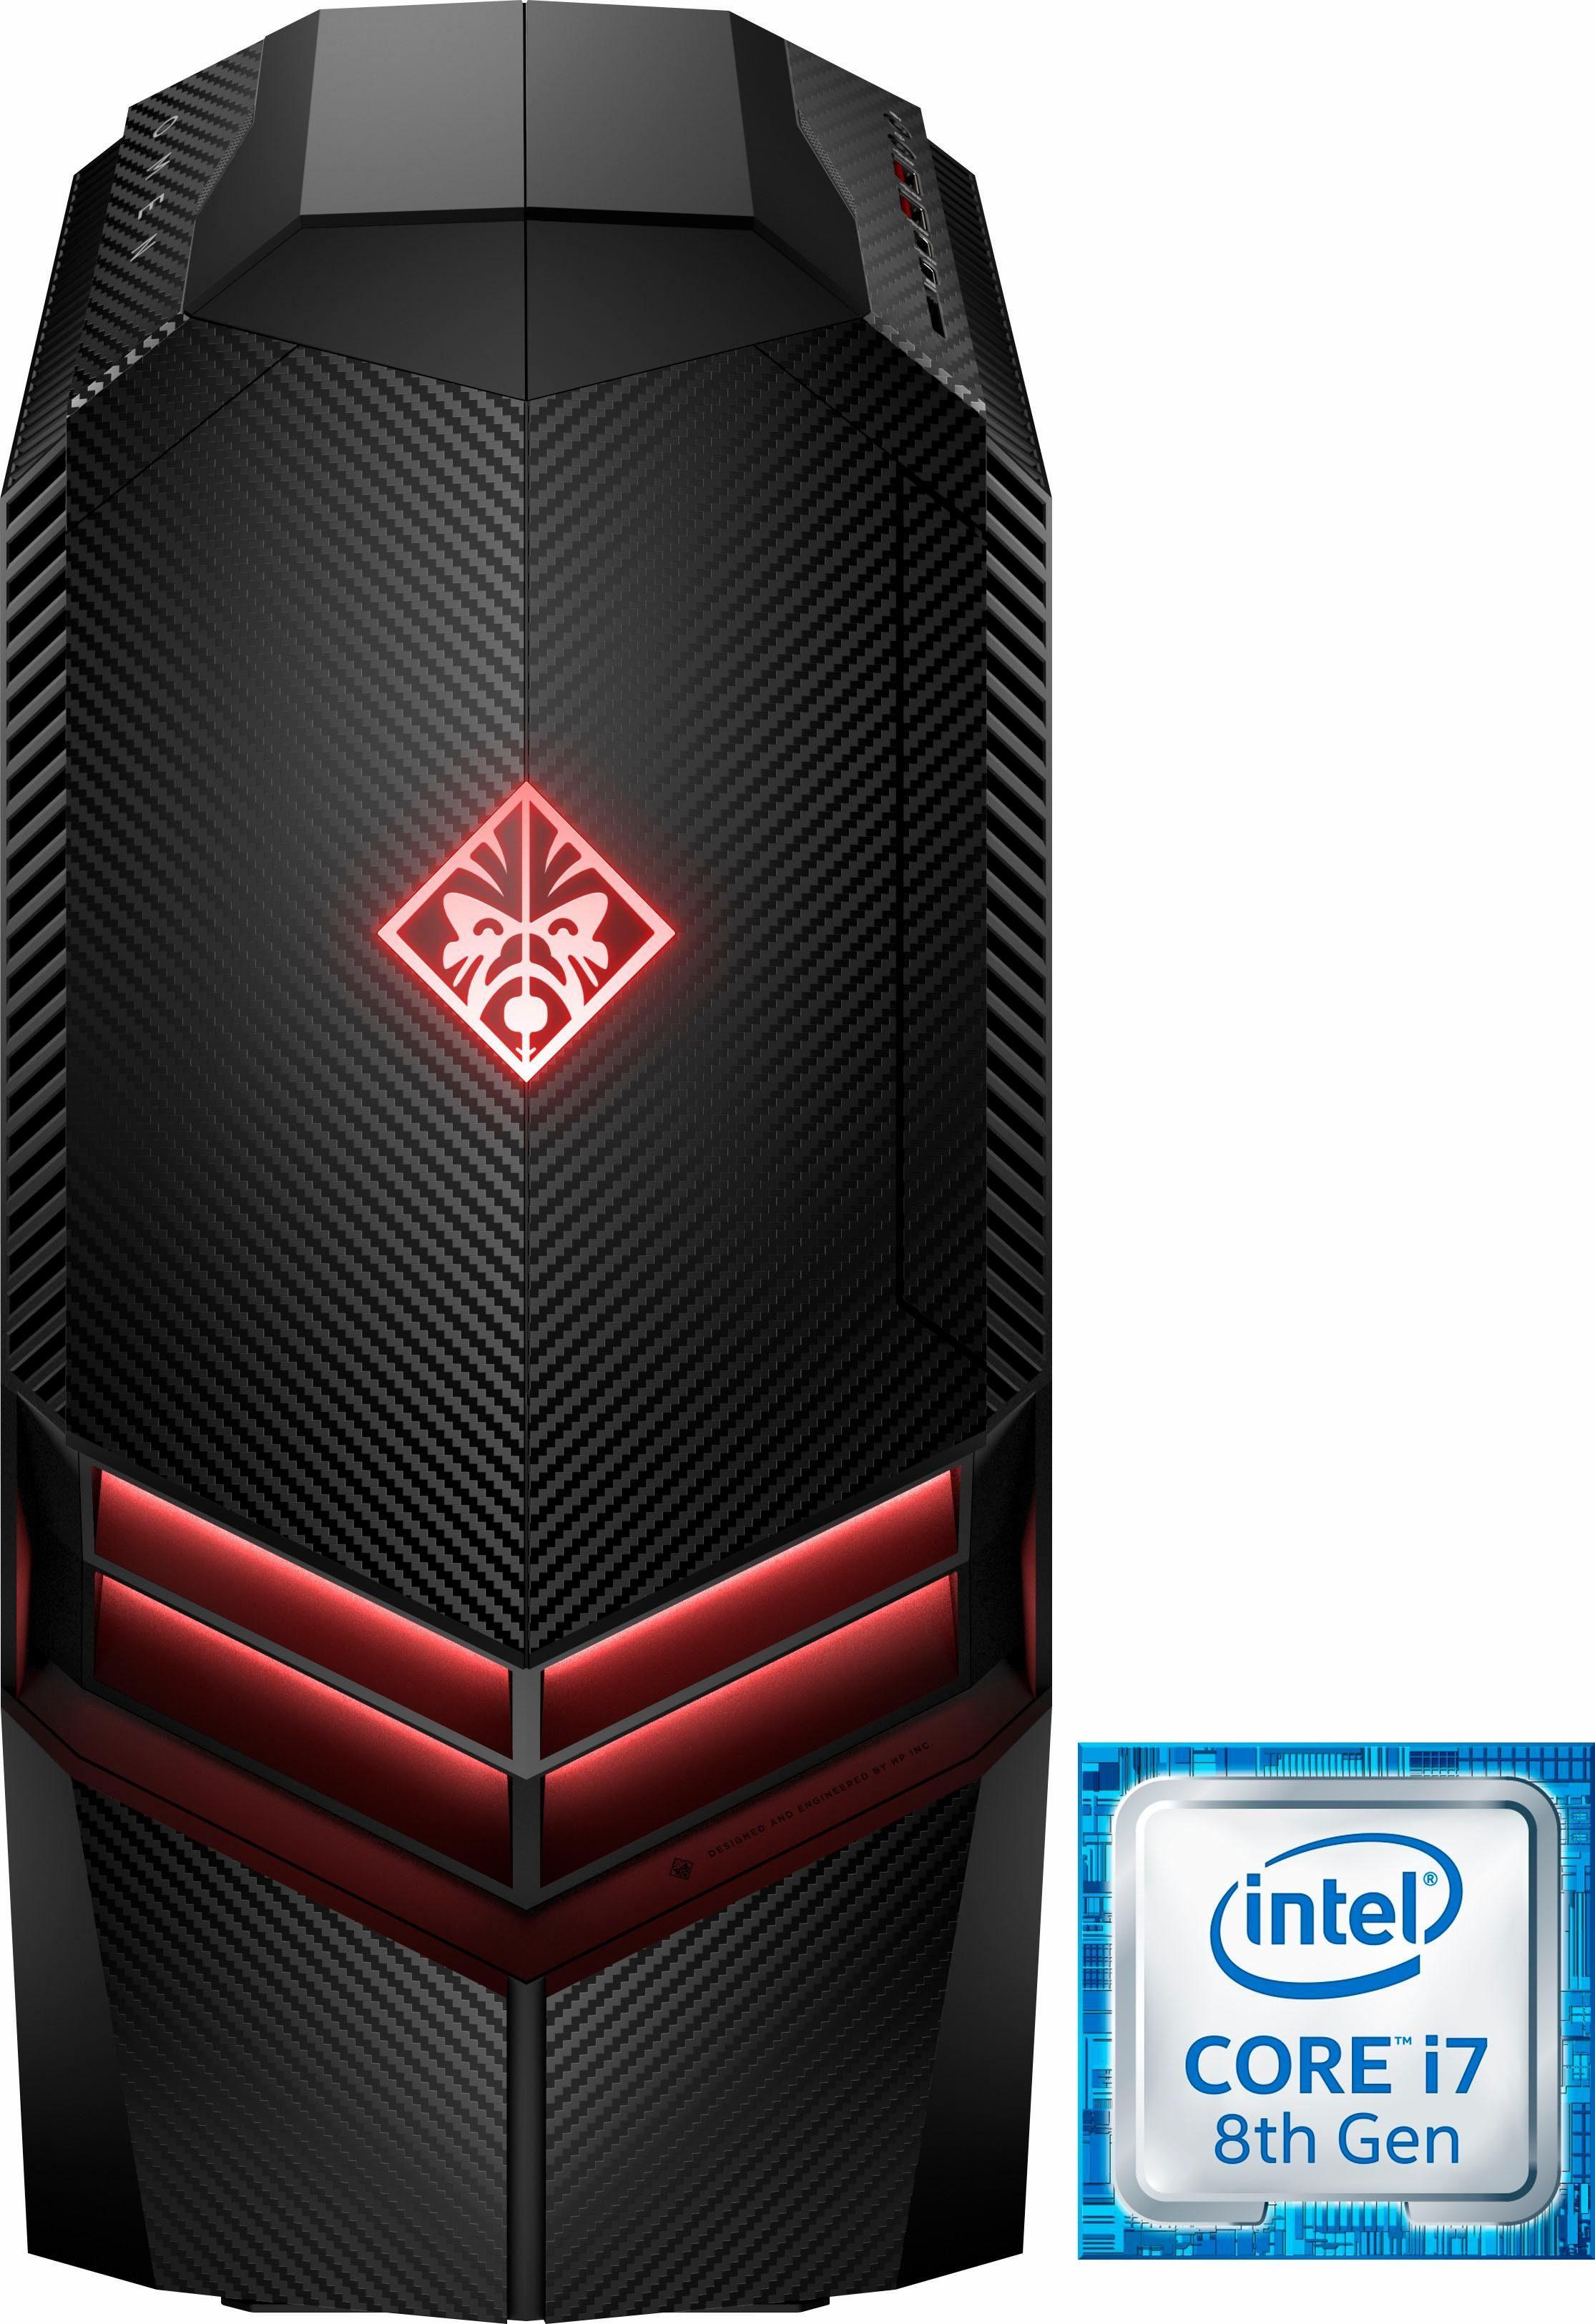 OMEN by HP 880-173ng Gaming-PC (Core i7, GTX 1080, 16 GB RAM, 2000 GB HDD, 256 GB SSD)